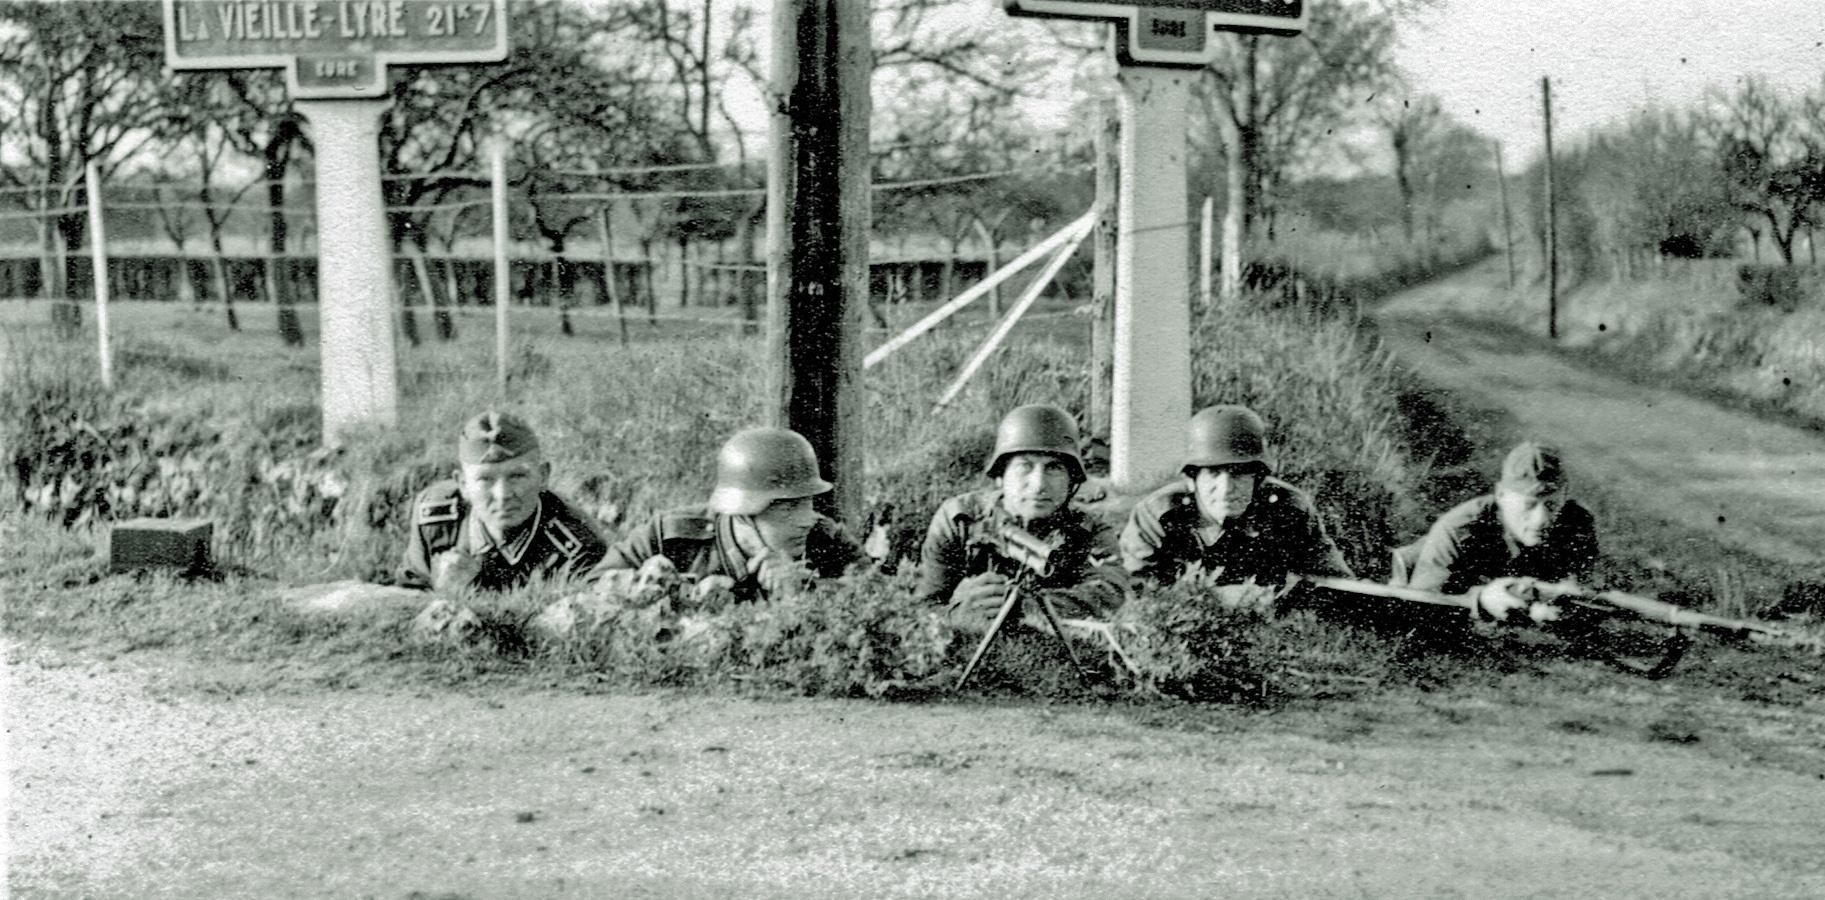 La vielle Lyre dans l'Eure 12. Mai 1941